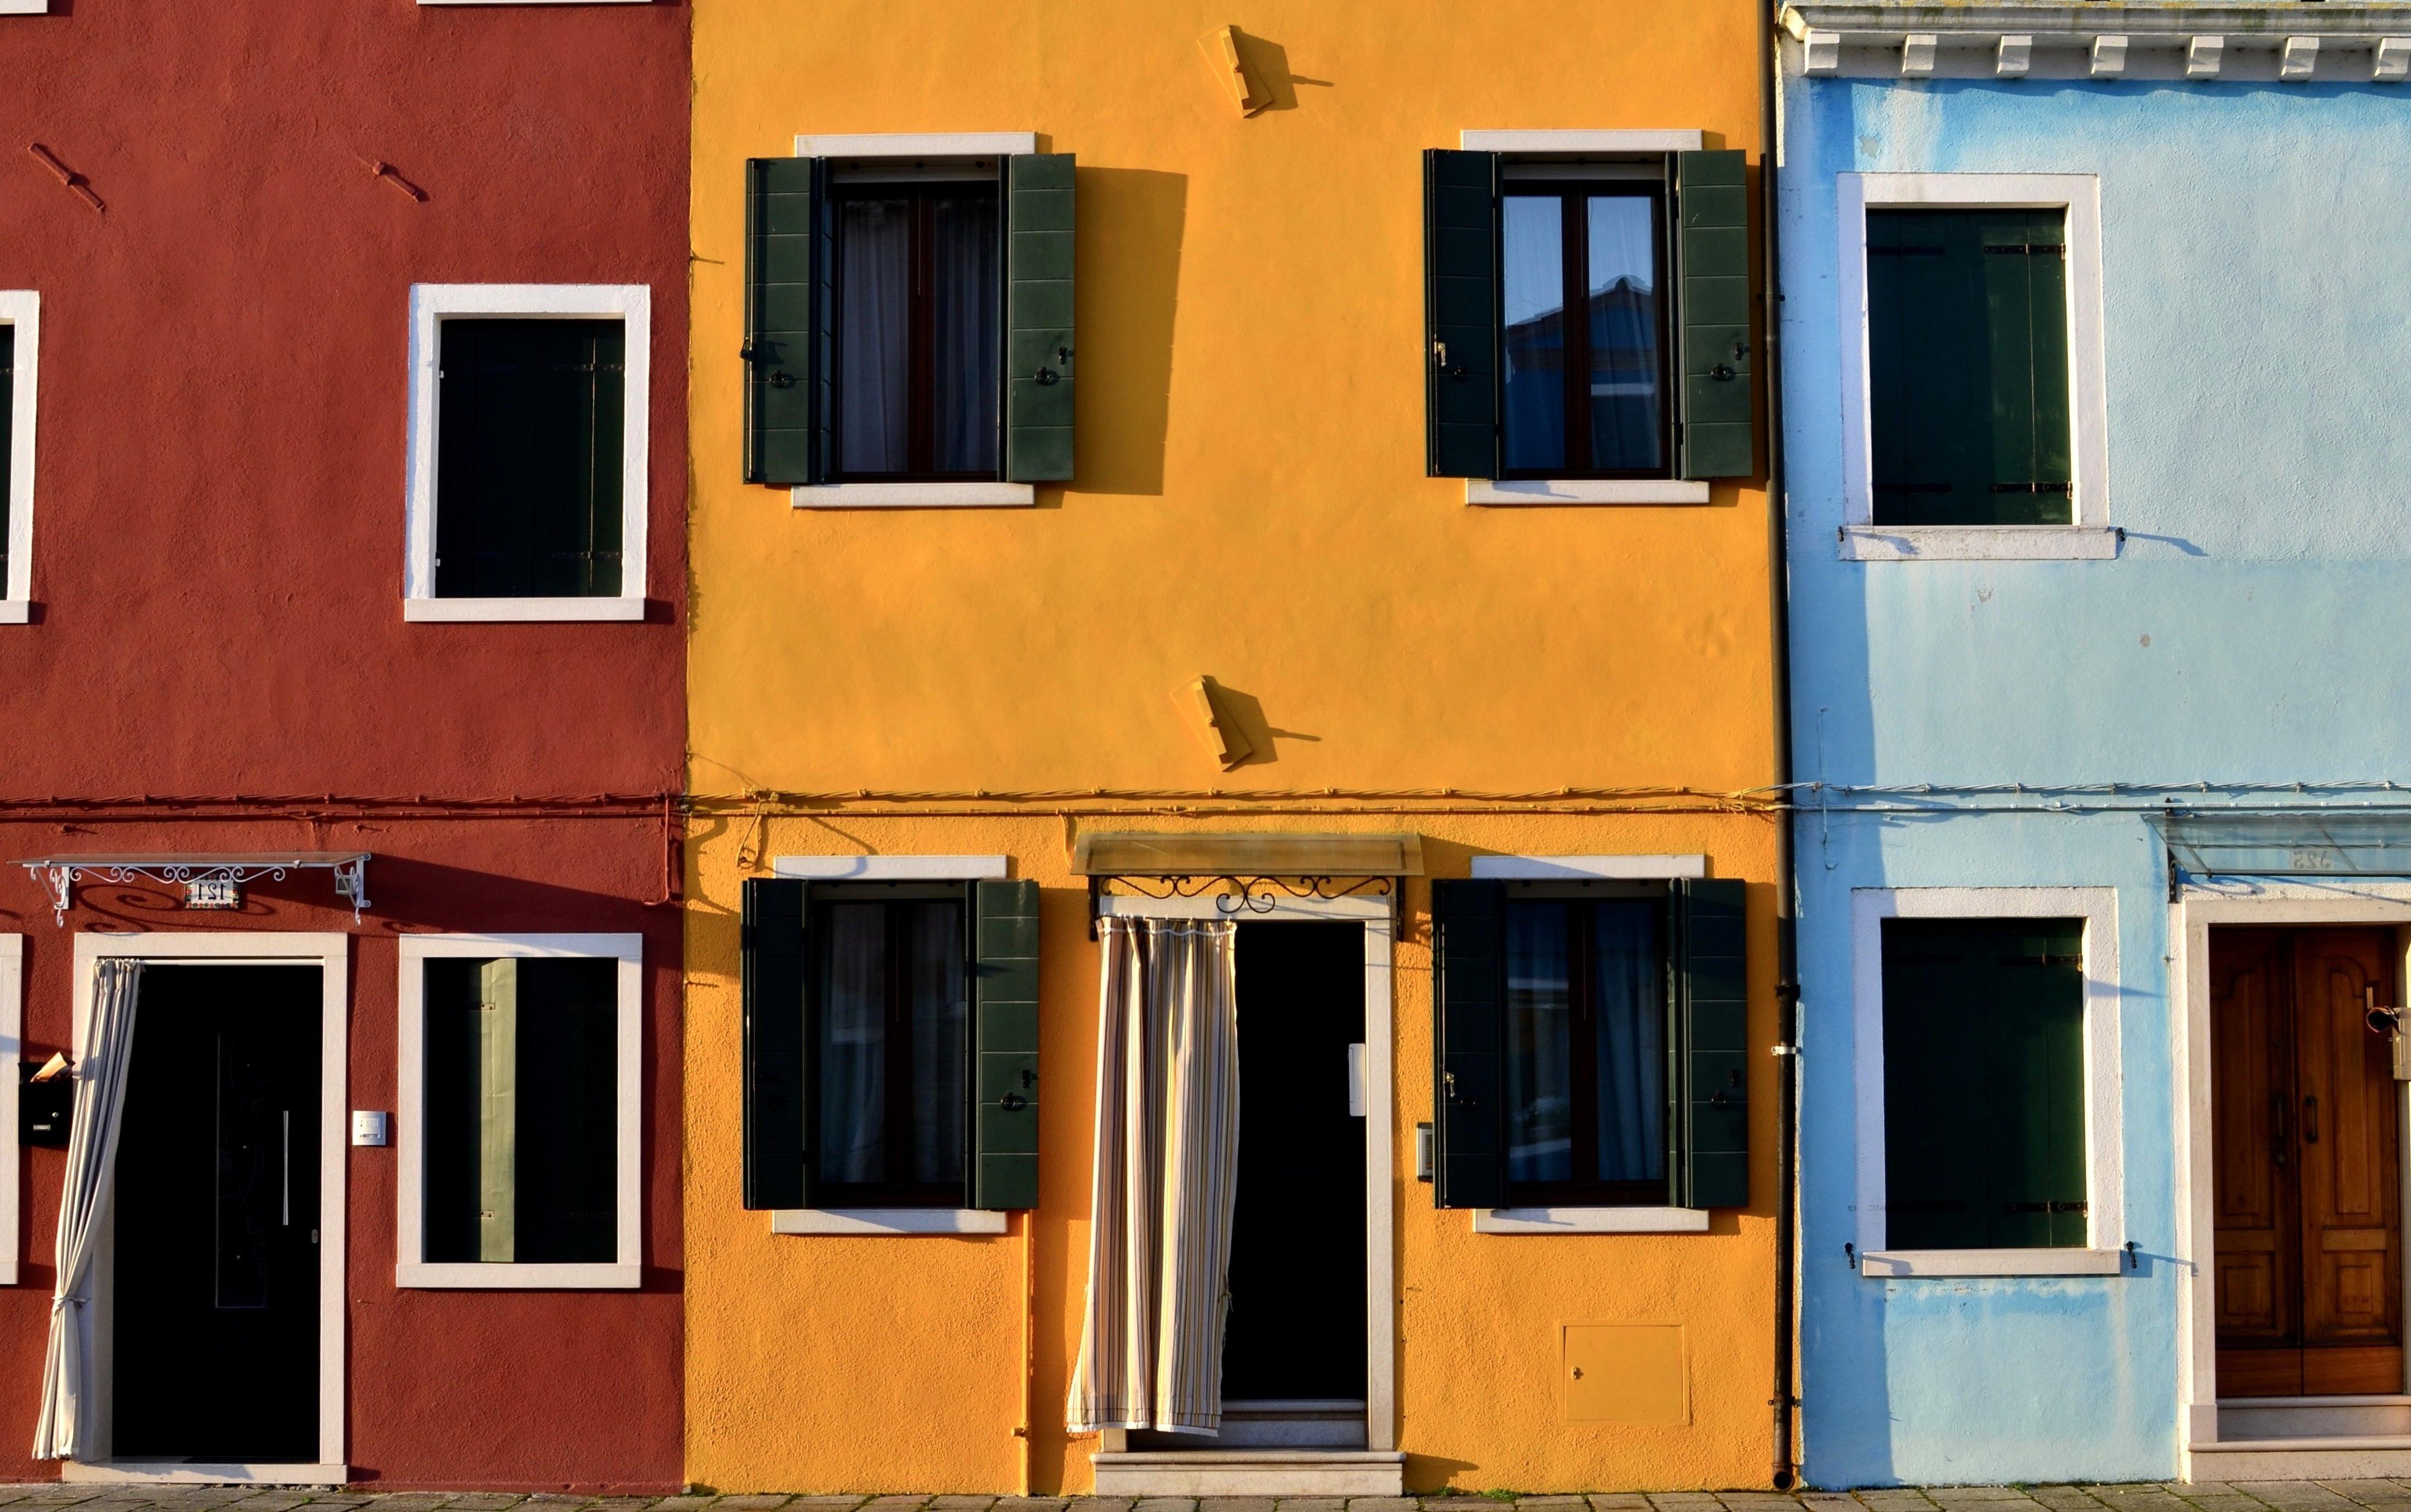 -Fassadenrestauration und Erneuerung